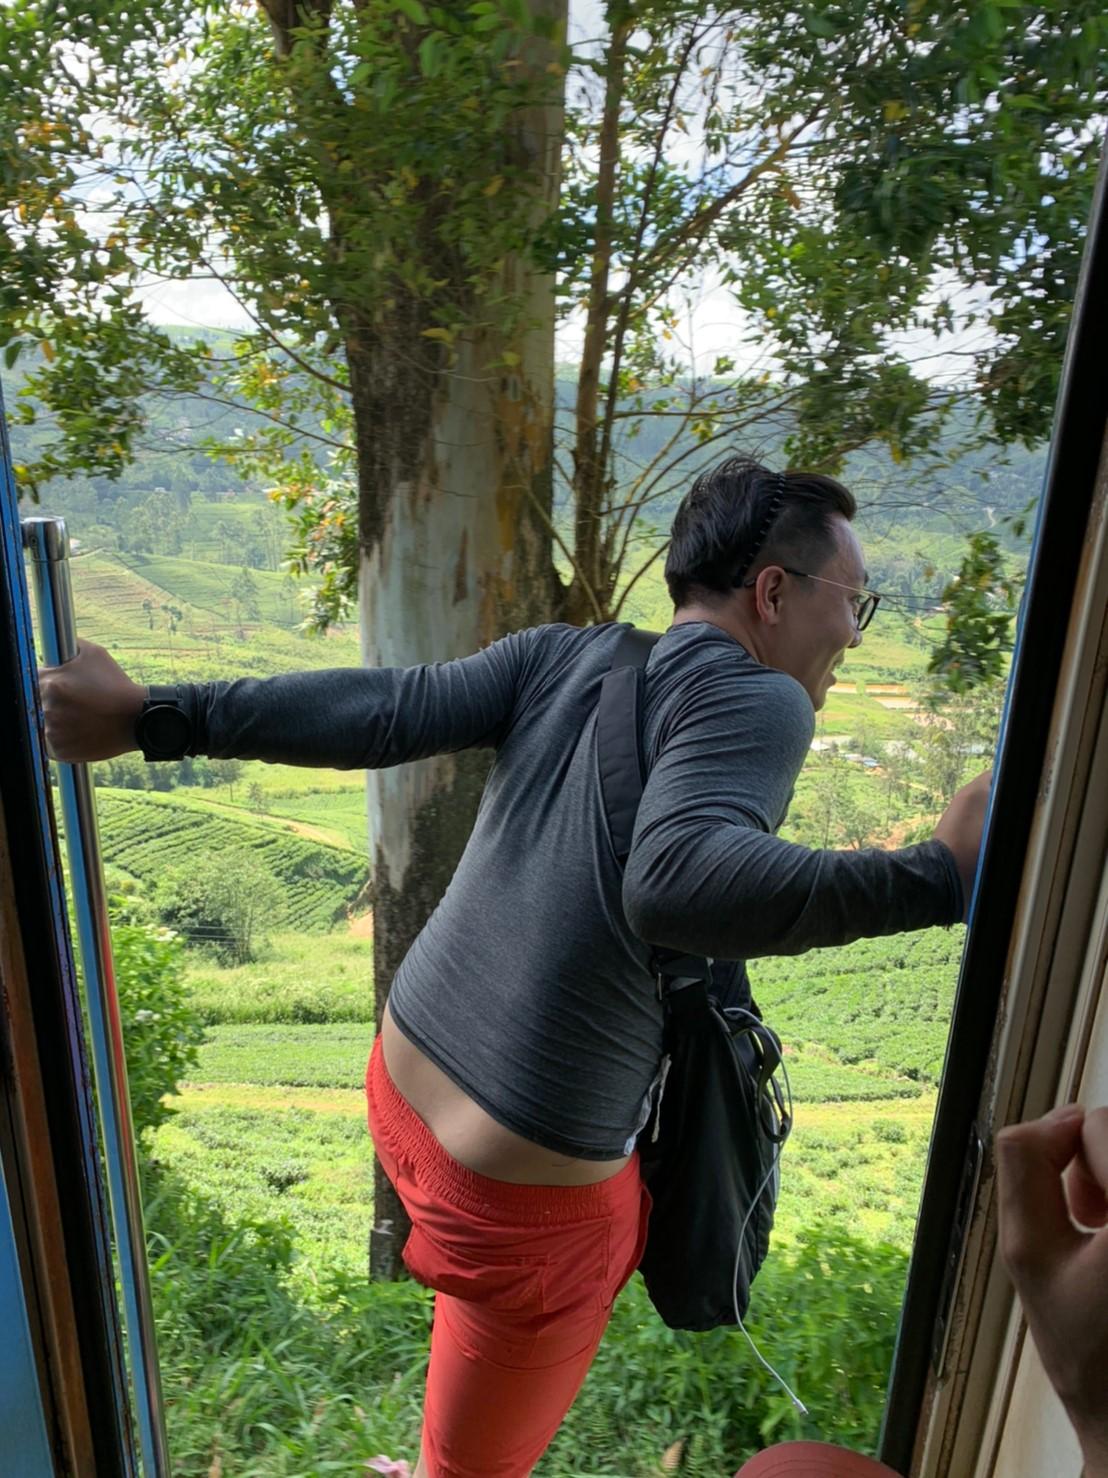 ドアから身を乗り出す中国人